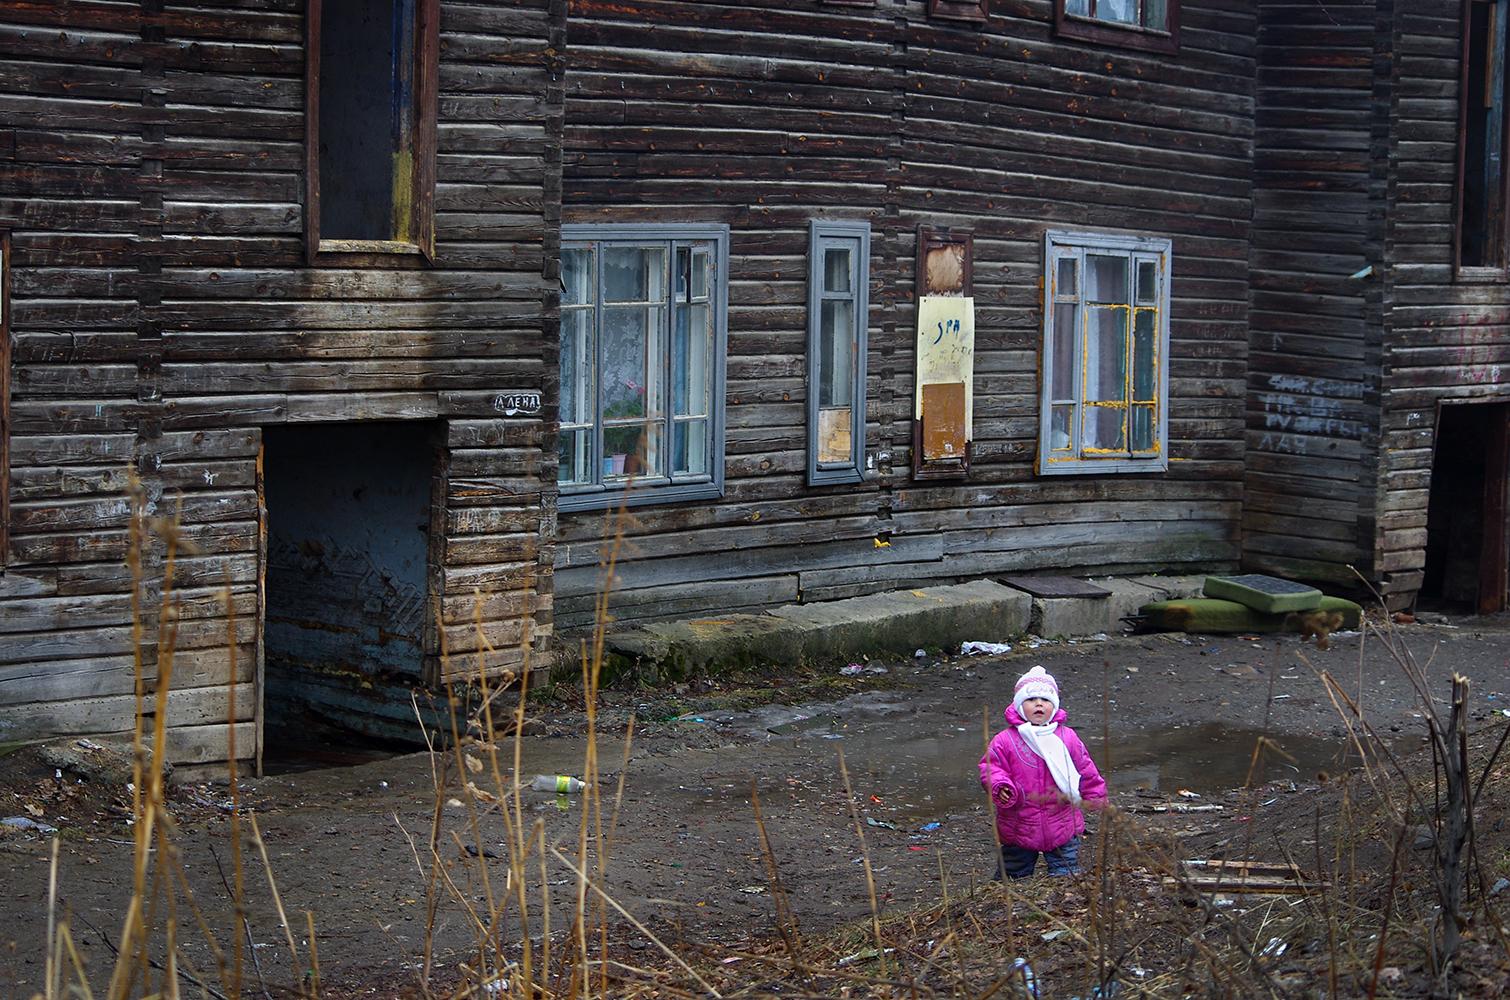 カラバシュ市 は、州都チェリャビンスク市の西約85kmに位置する、人口1万5000人(2012年)の街だ。1970年代には6万人の住人がいた。タタール人の古い 定住地に、砂金鉱床発見後の1822年、カラバシュができた。カラバシュとは、タタール語で「黒い頭」を意味する